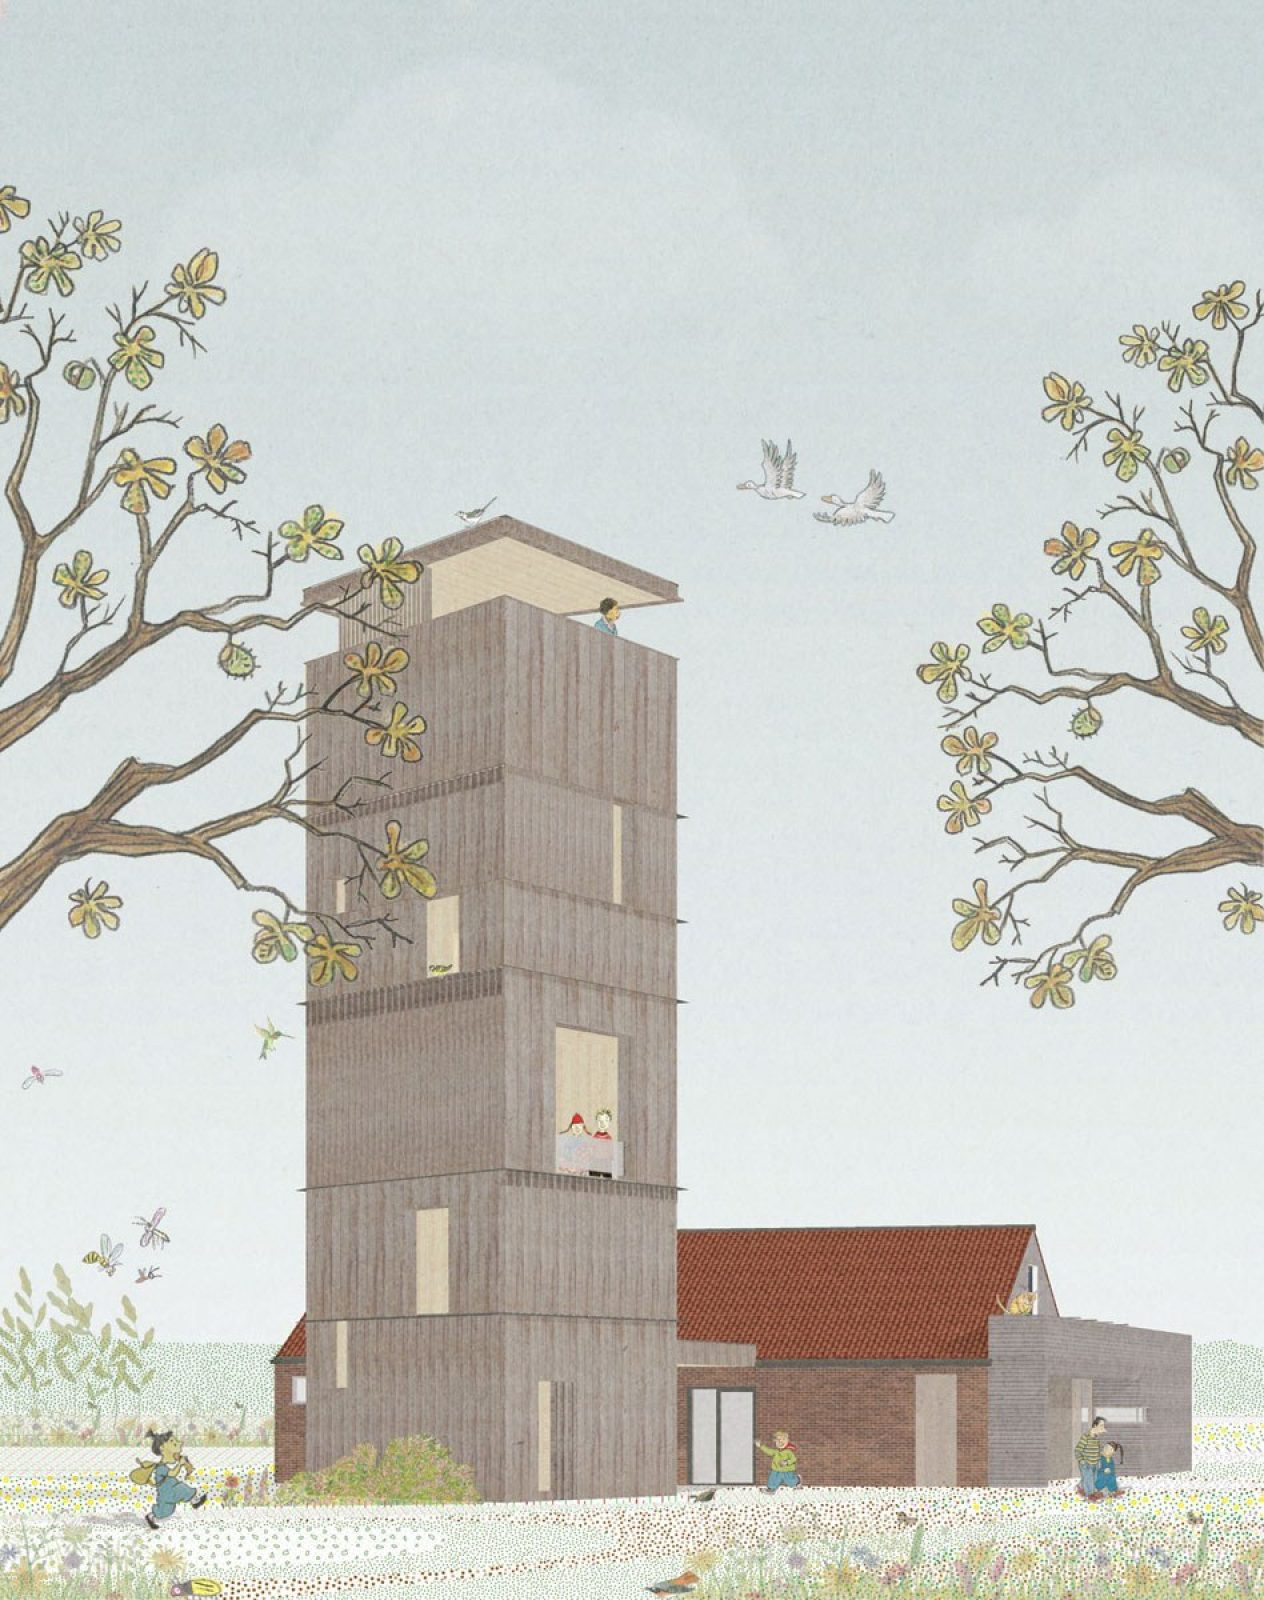 Toren Collage